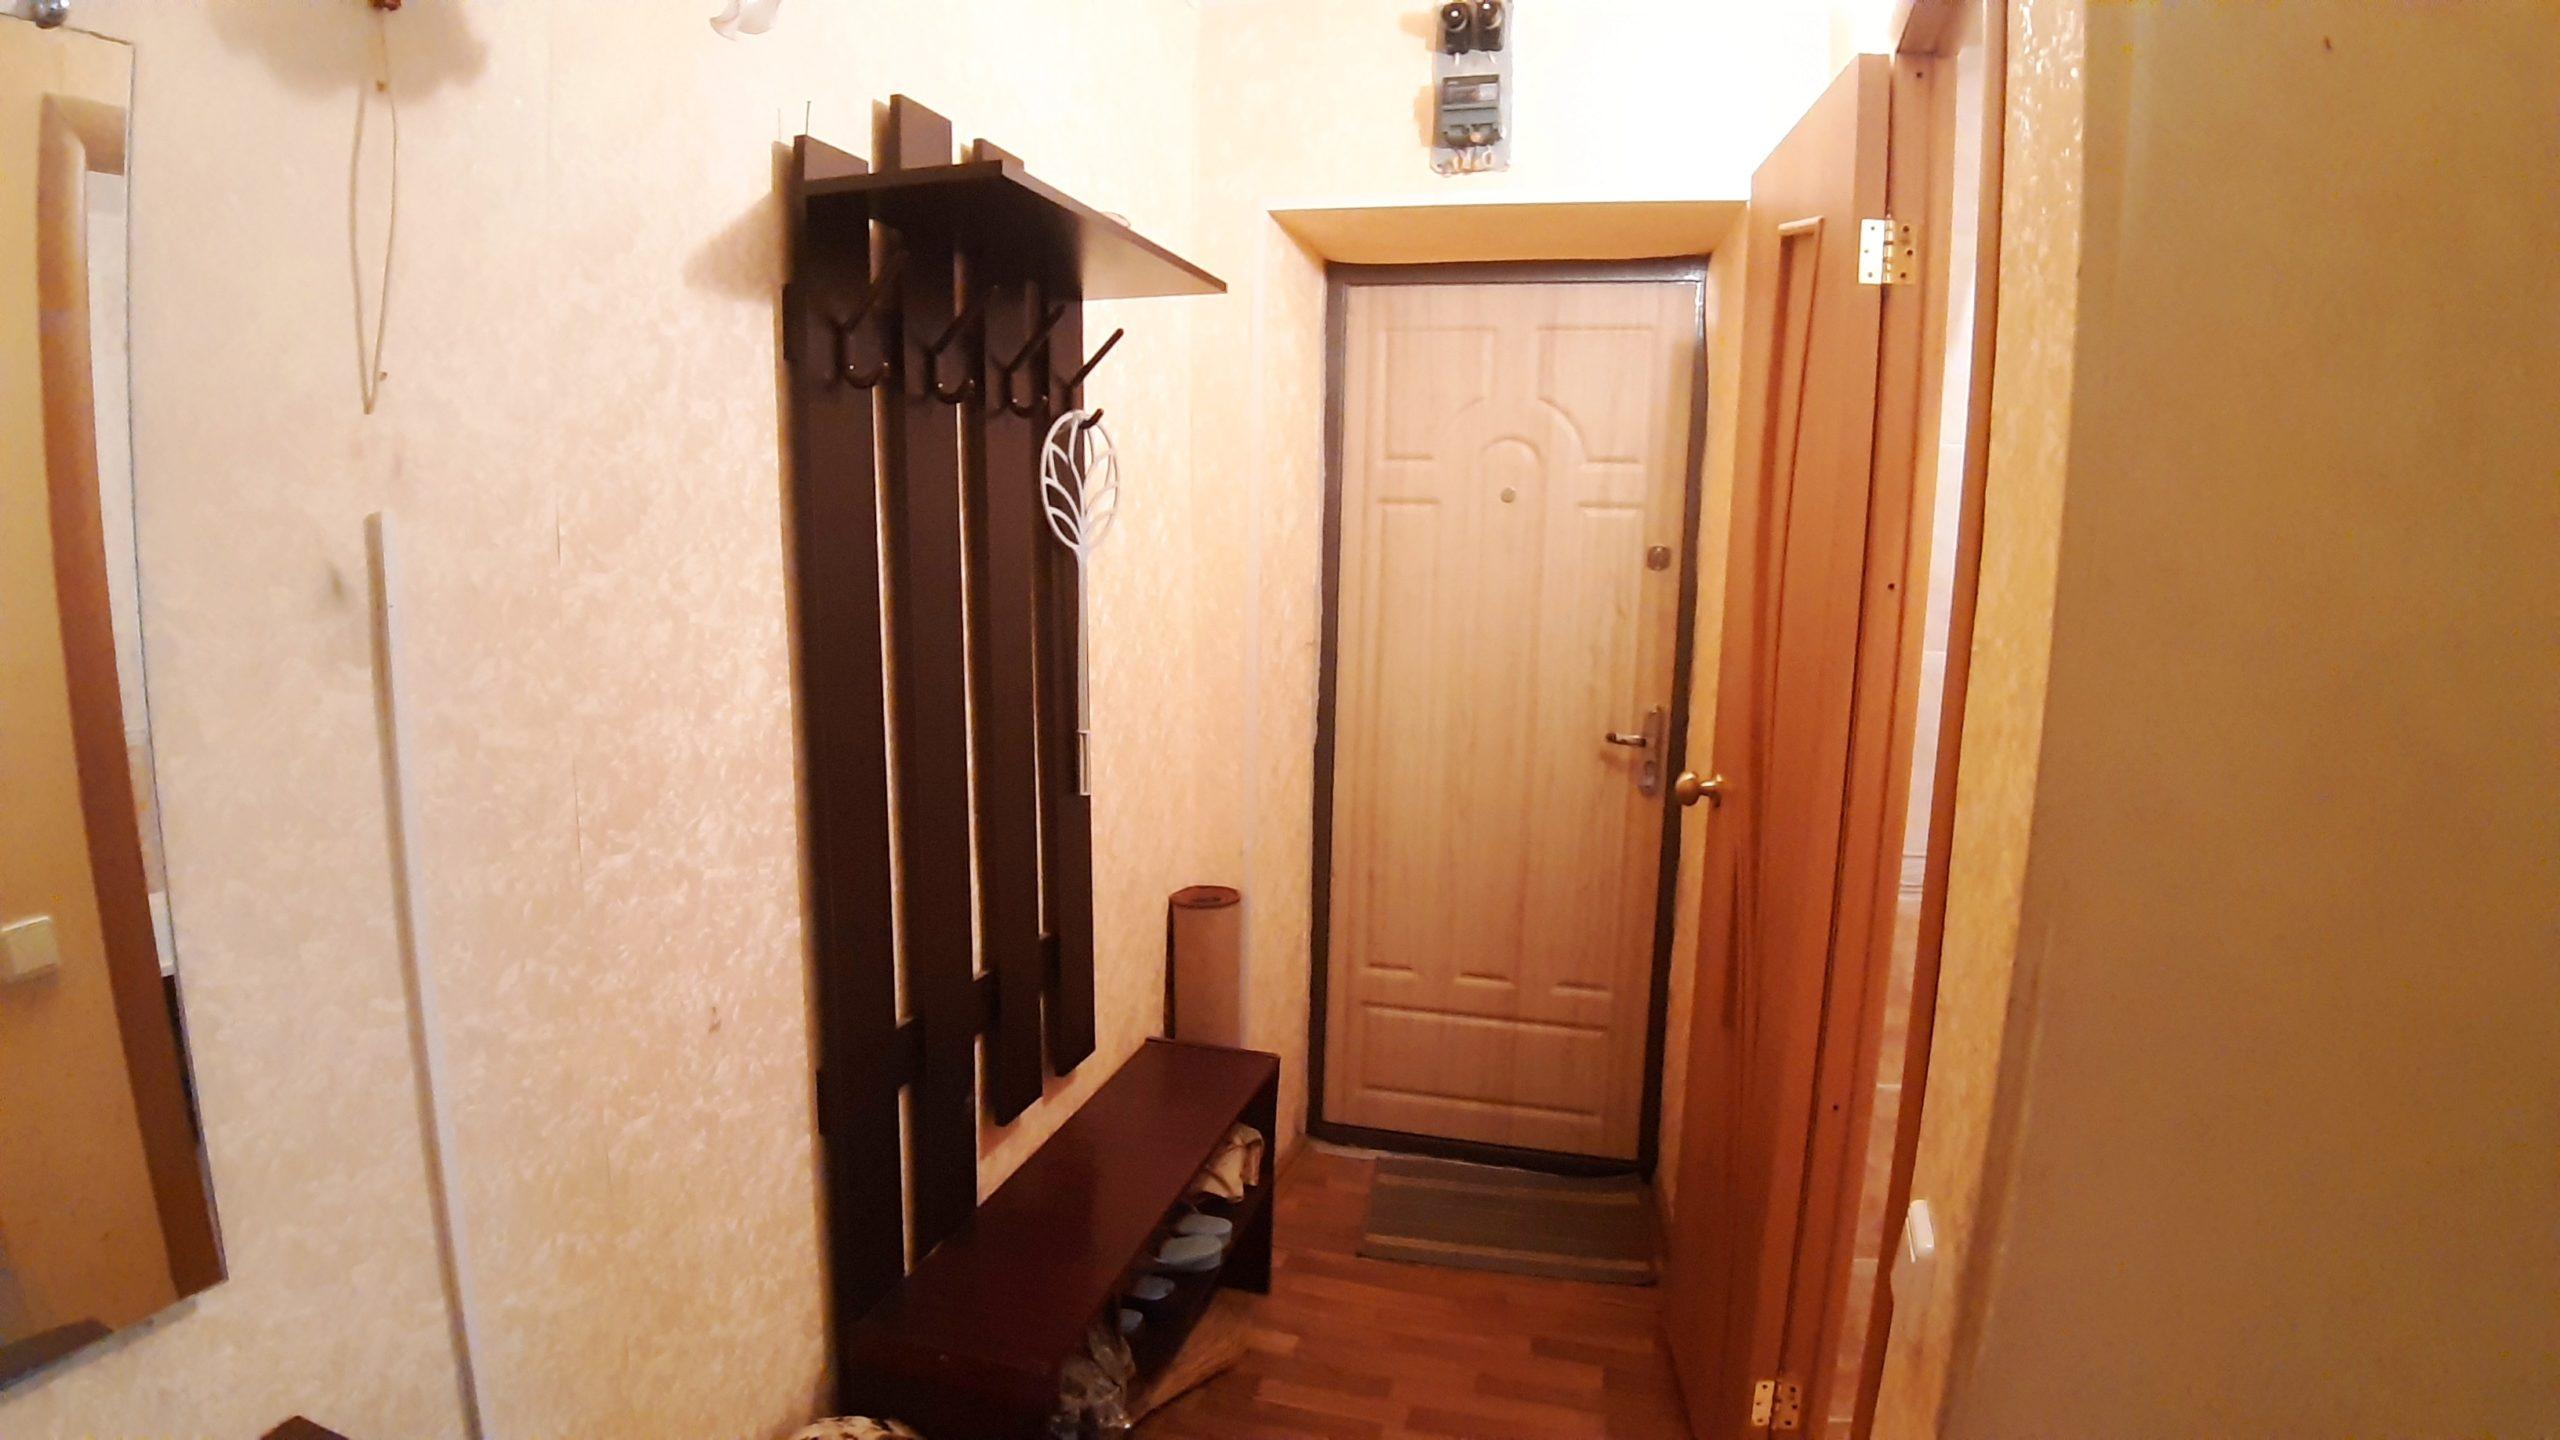 Прихожая квартира Пятовский Калуга аренда или продажа